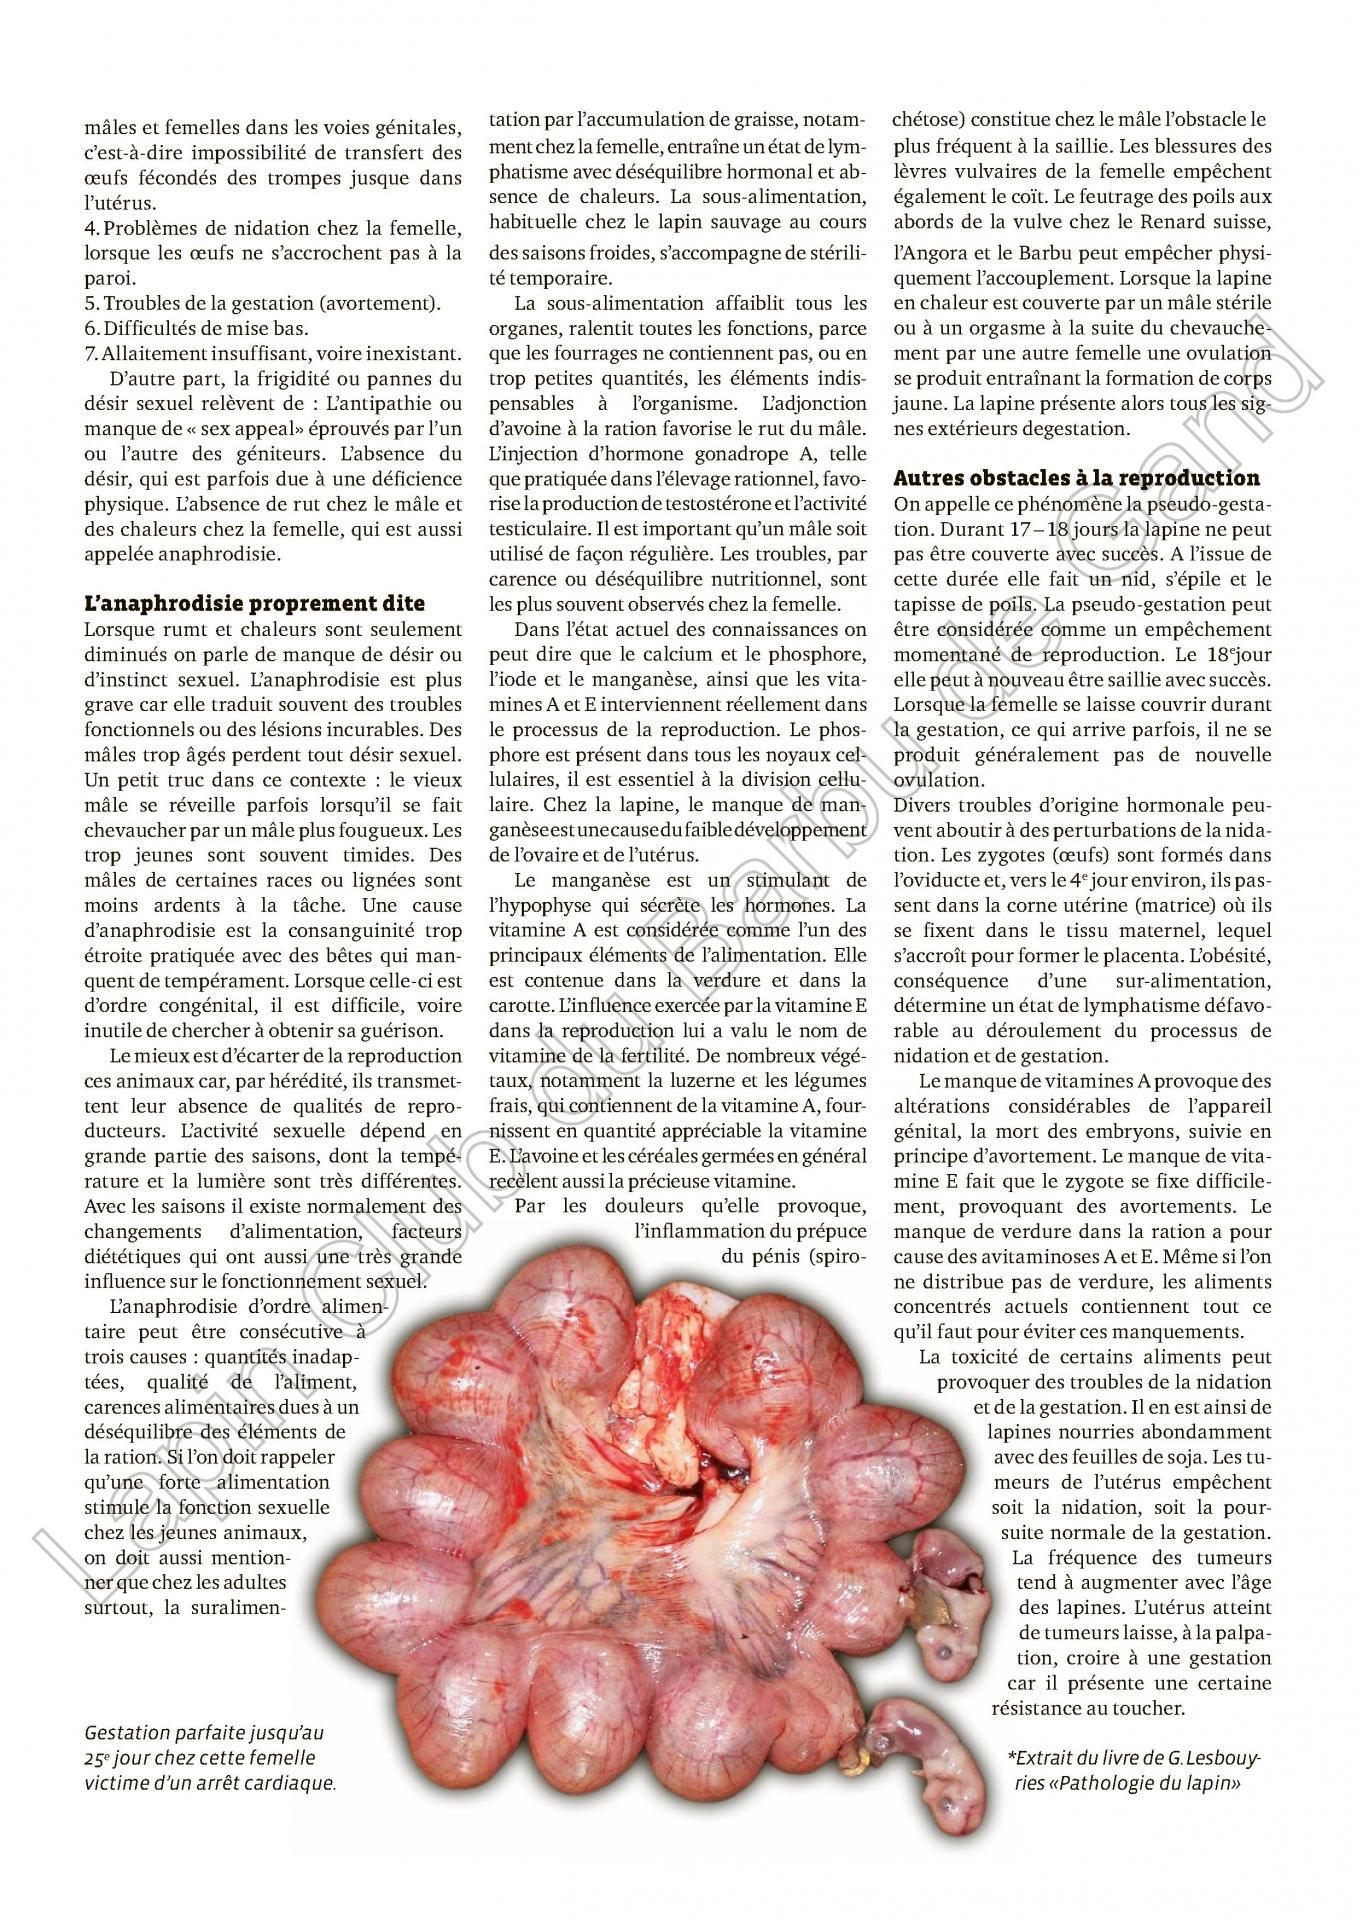 La physiologie sexuelle et la reproduction 2